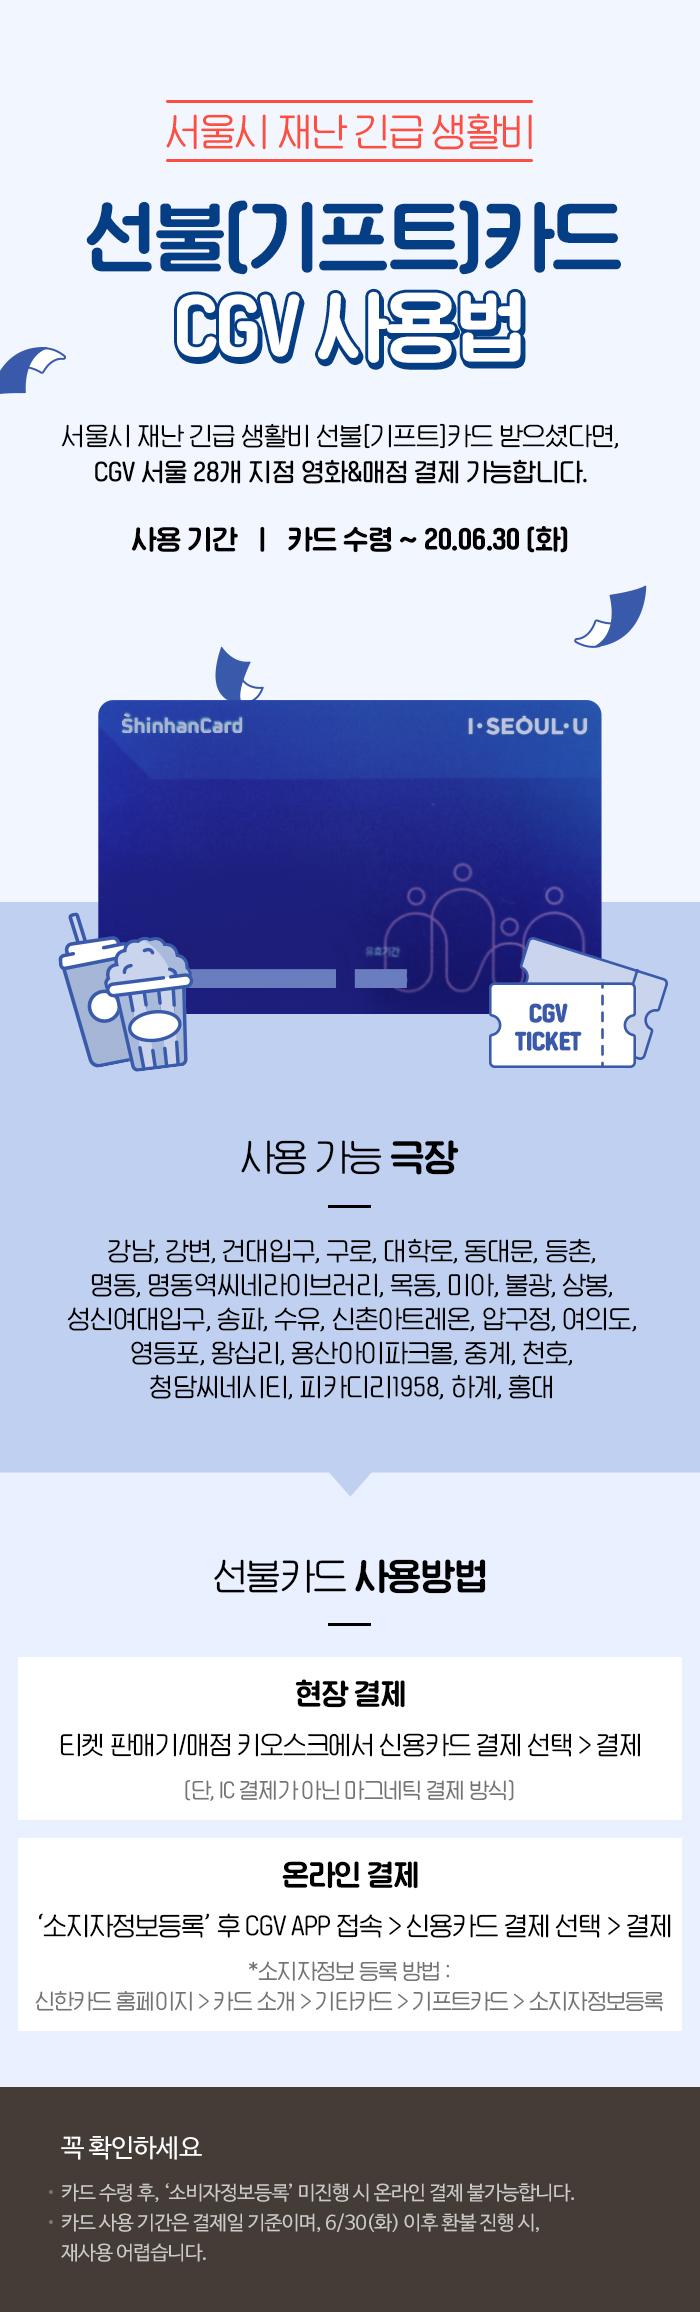 CGV극장별 [CGV강남 외 27개 극장] 서울시 재난 긴급 생활비 선불(기프트) 카드 CGV 사용안내